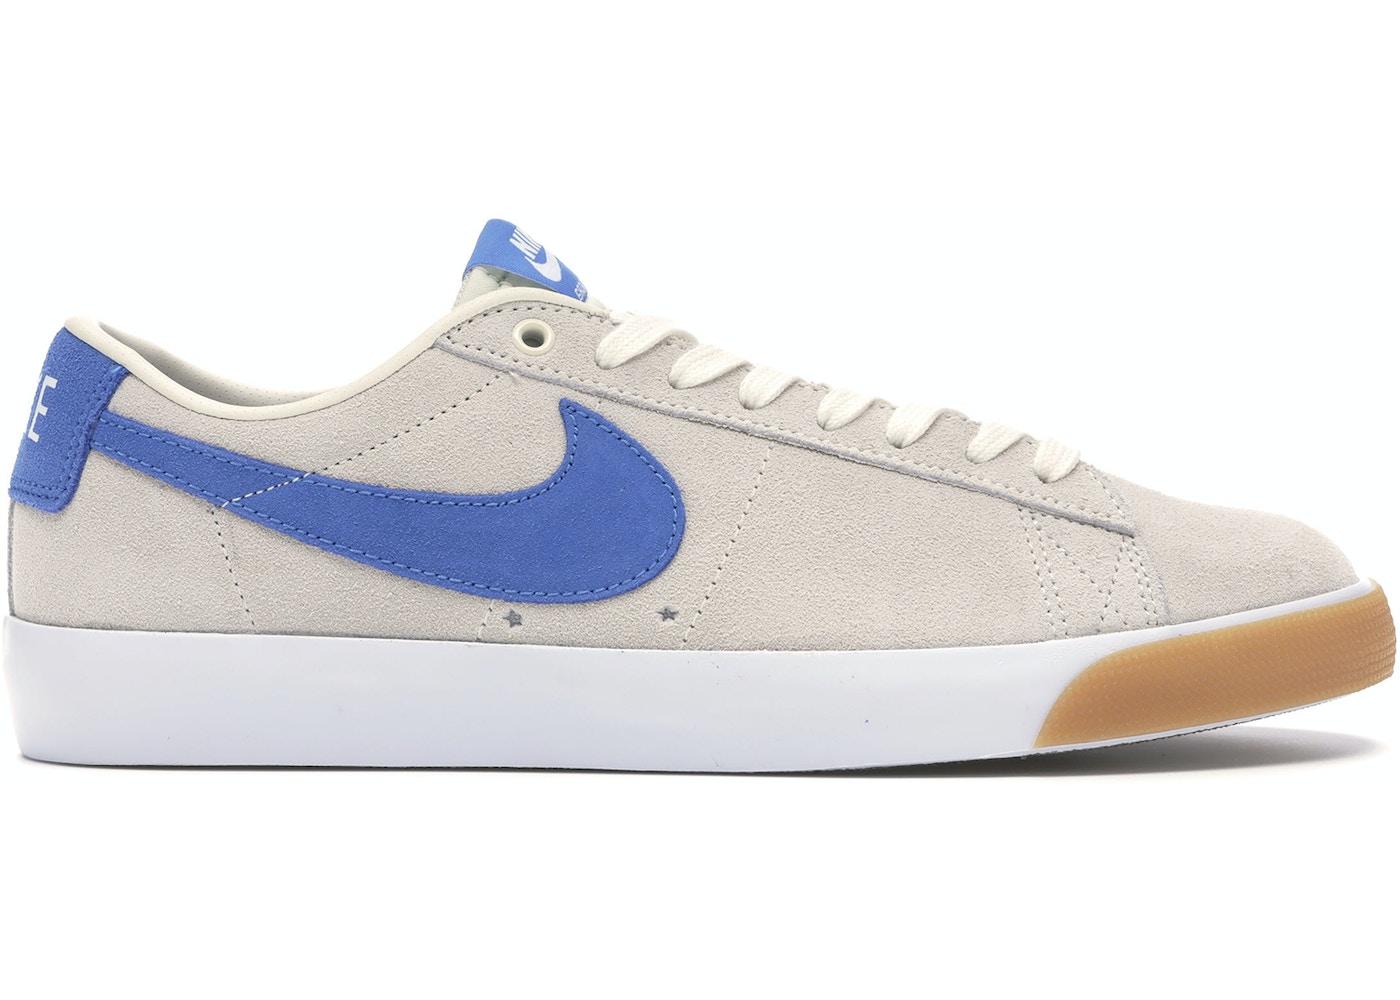 levantar revolución Más lejano  Nike SB Blazer Low Pale Ivory Pacific Blue - 704939-103